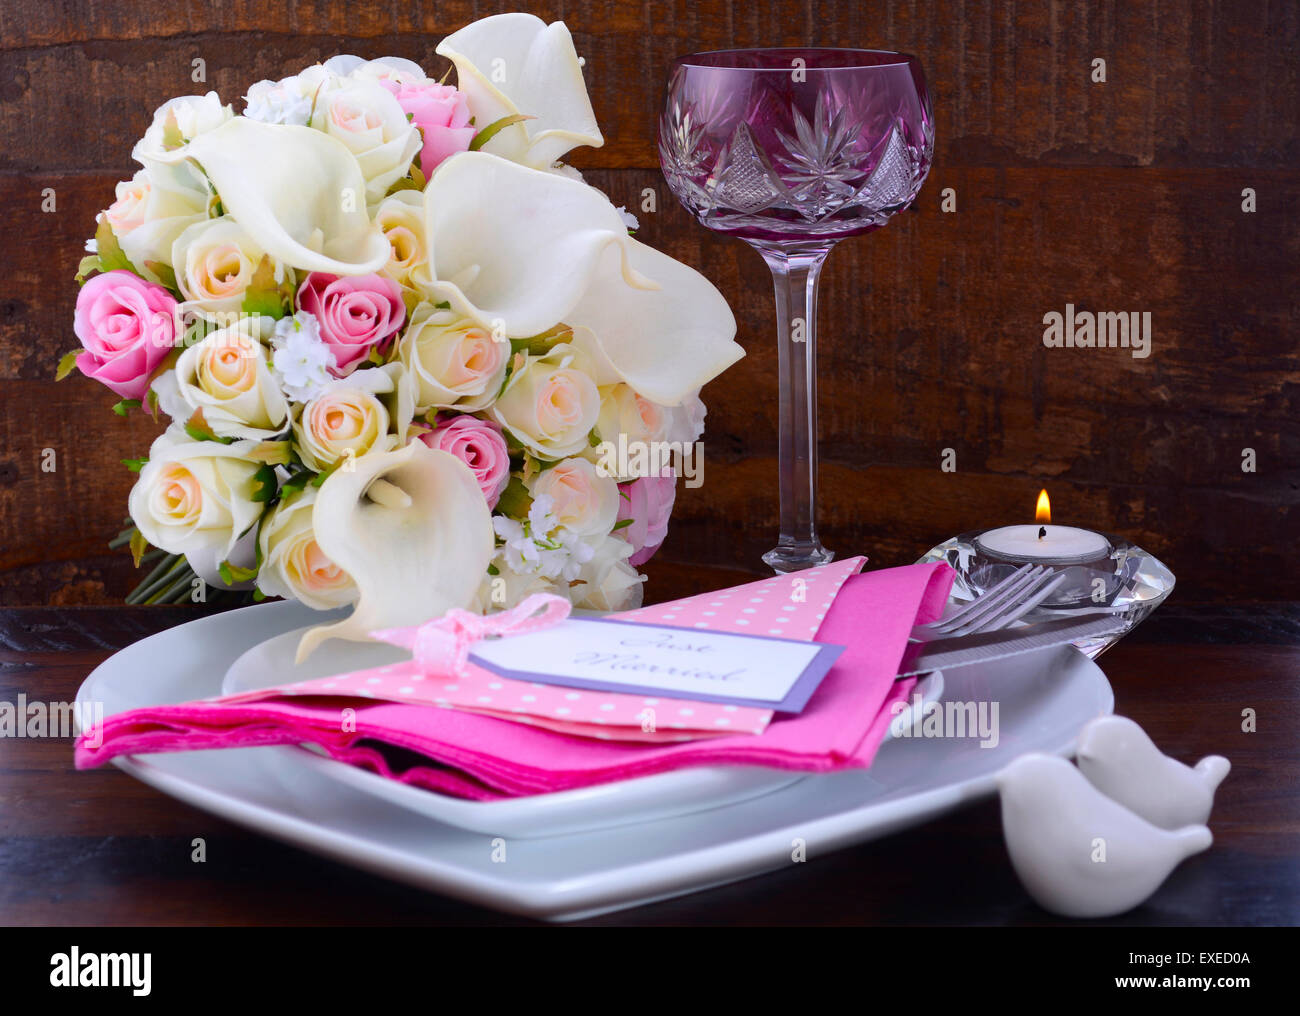 Rosa Thema Hochzeit Ort Tischdekoration Mit Weissen Herzen Form